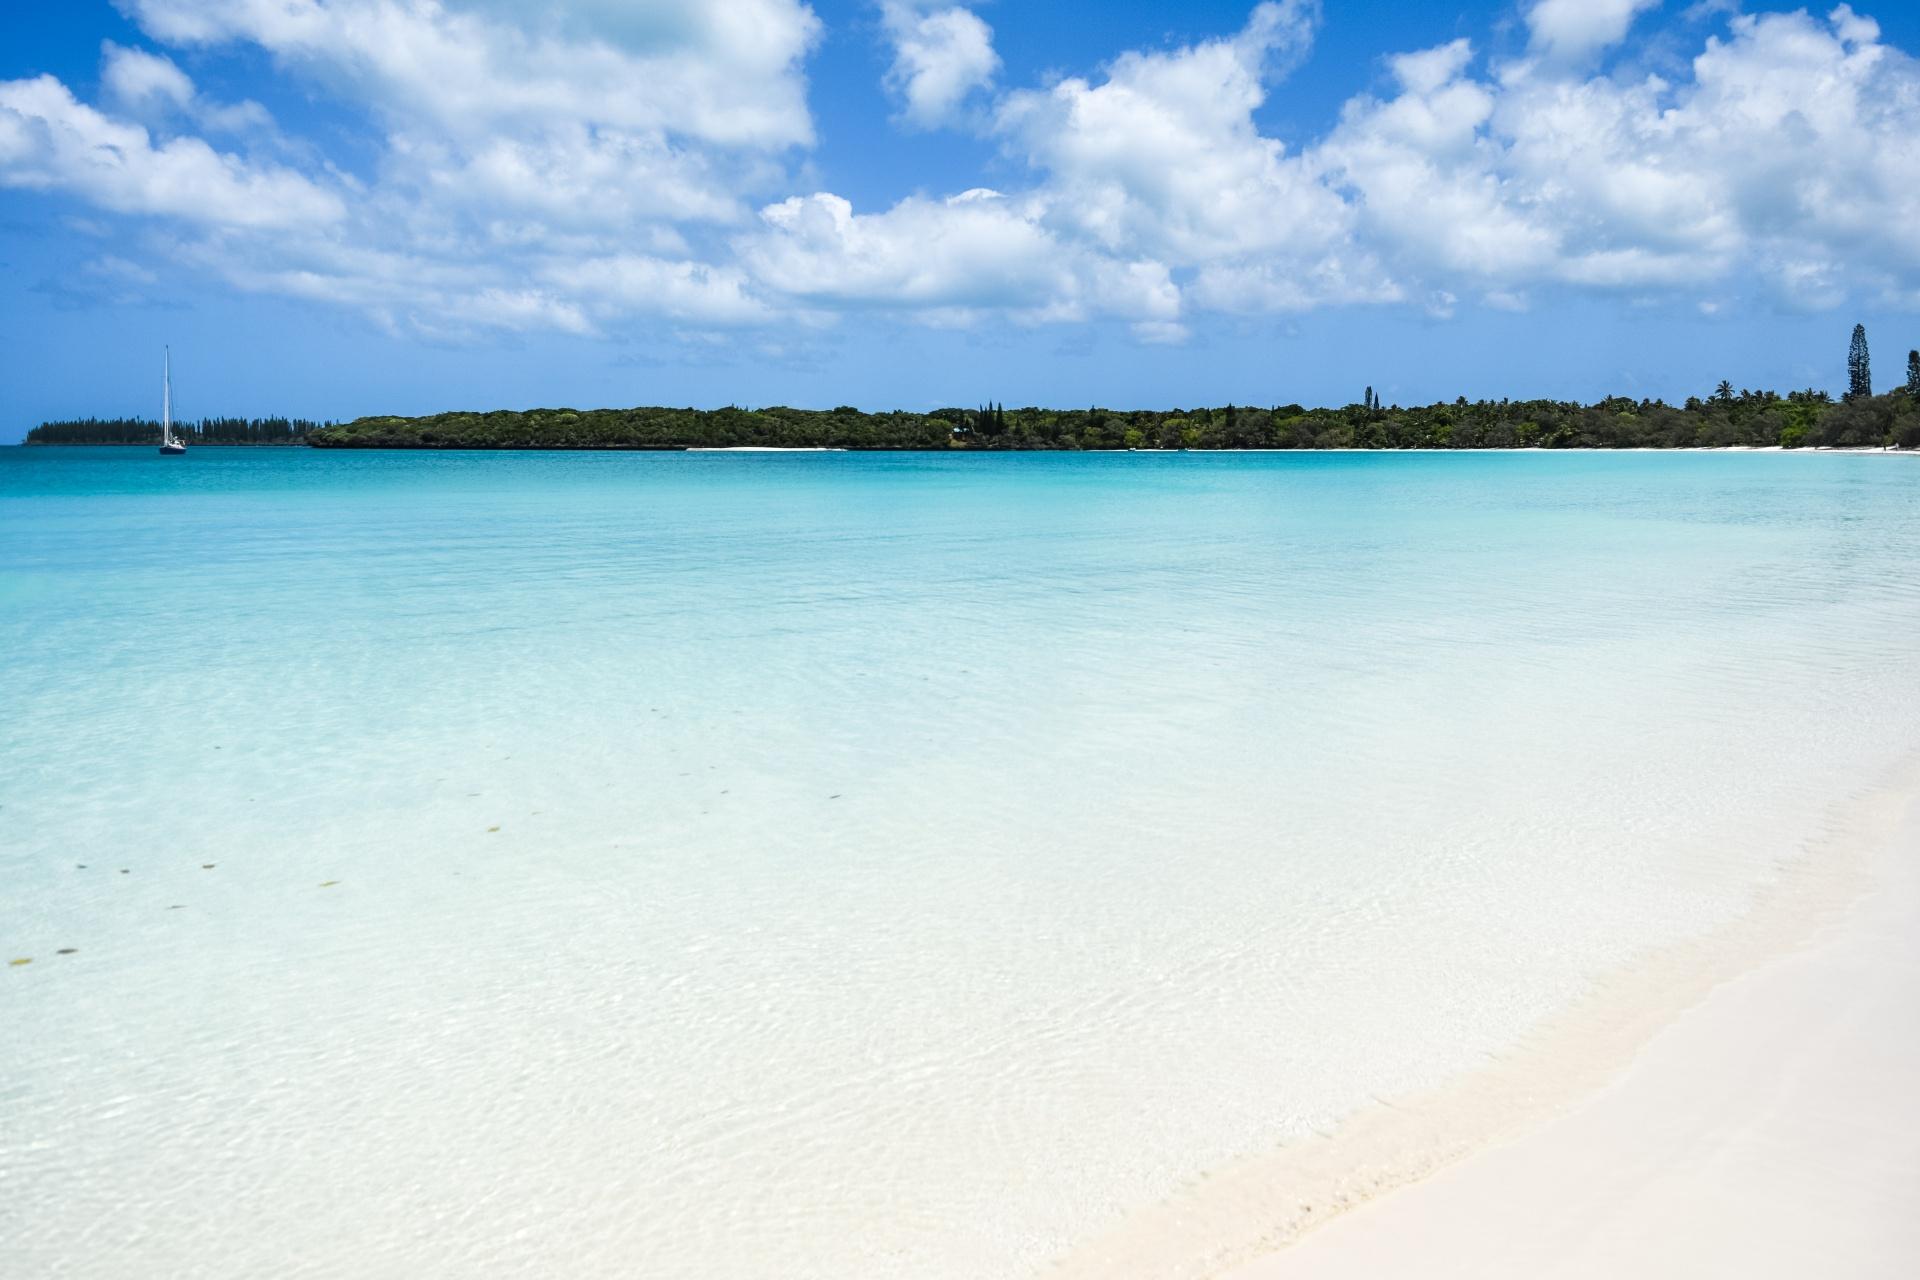 イル・デ・パンのビーチ ニューカレドニアの風景